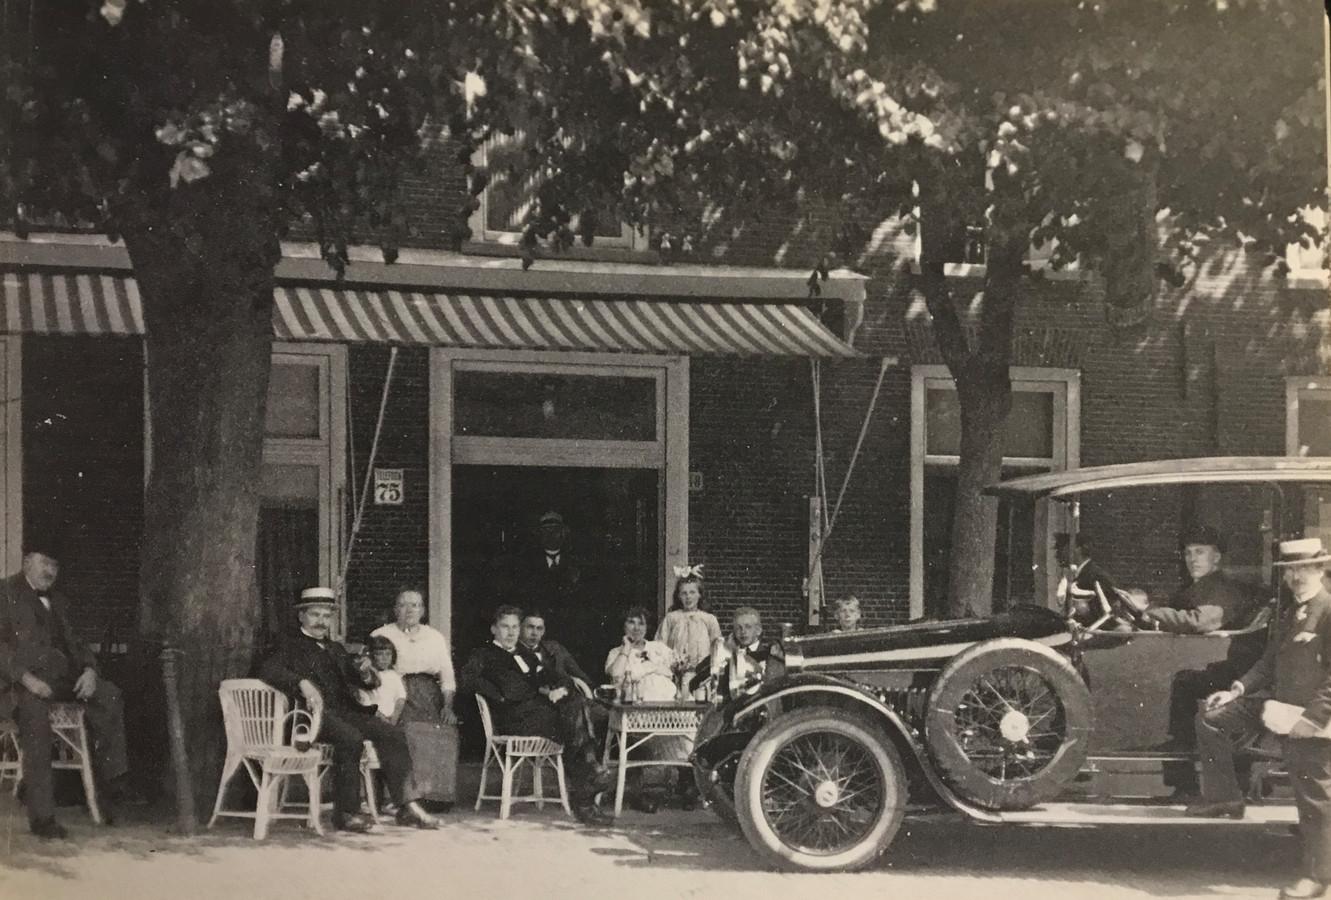 Terras van hotel Govaert in de jaren dertig op de hoek van Heuvel en Eikenboomgaard